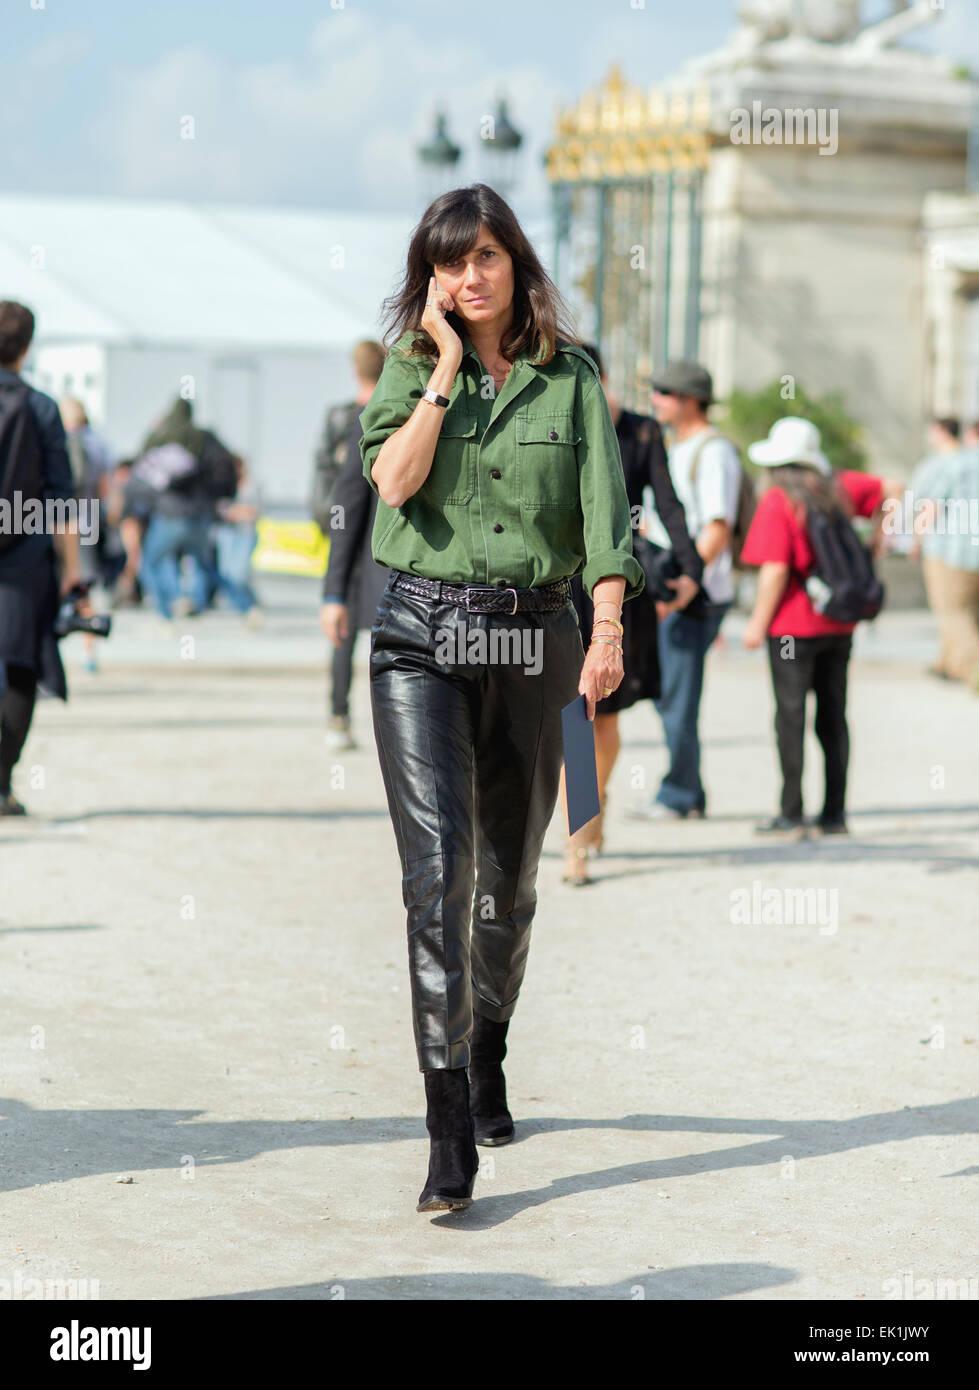 Emmanuelle Alt Style Stock Photos & Emmanuelle Alt Style ...